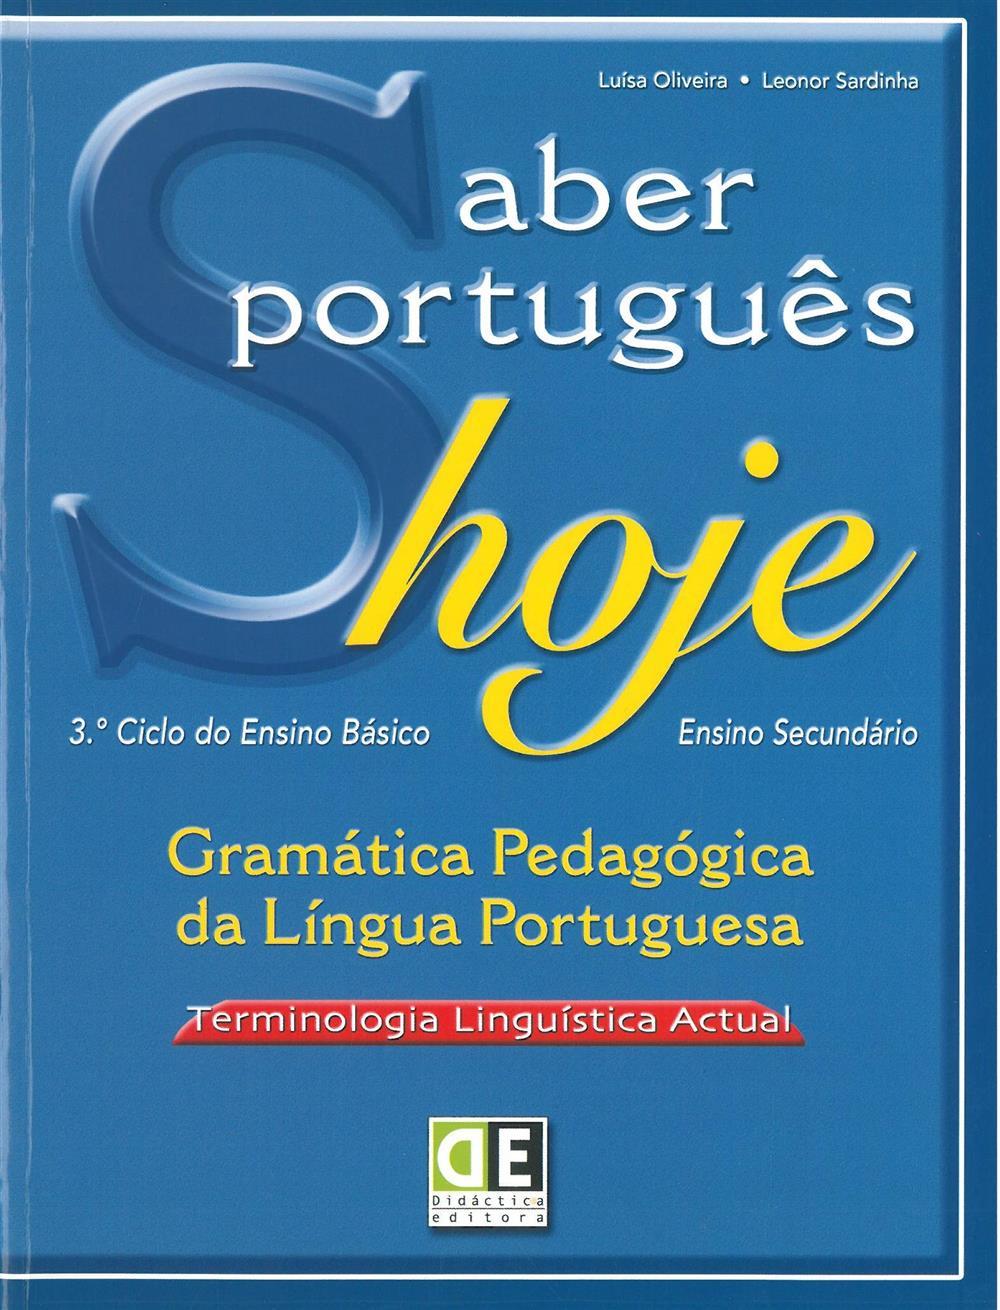 Saber português hoje.jpg